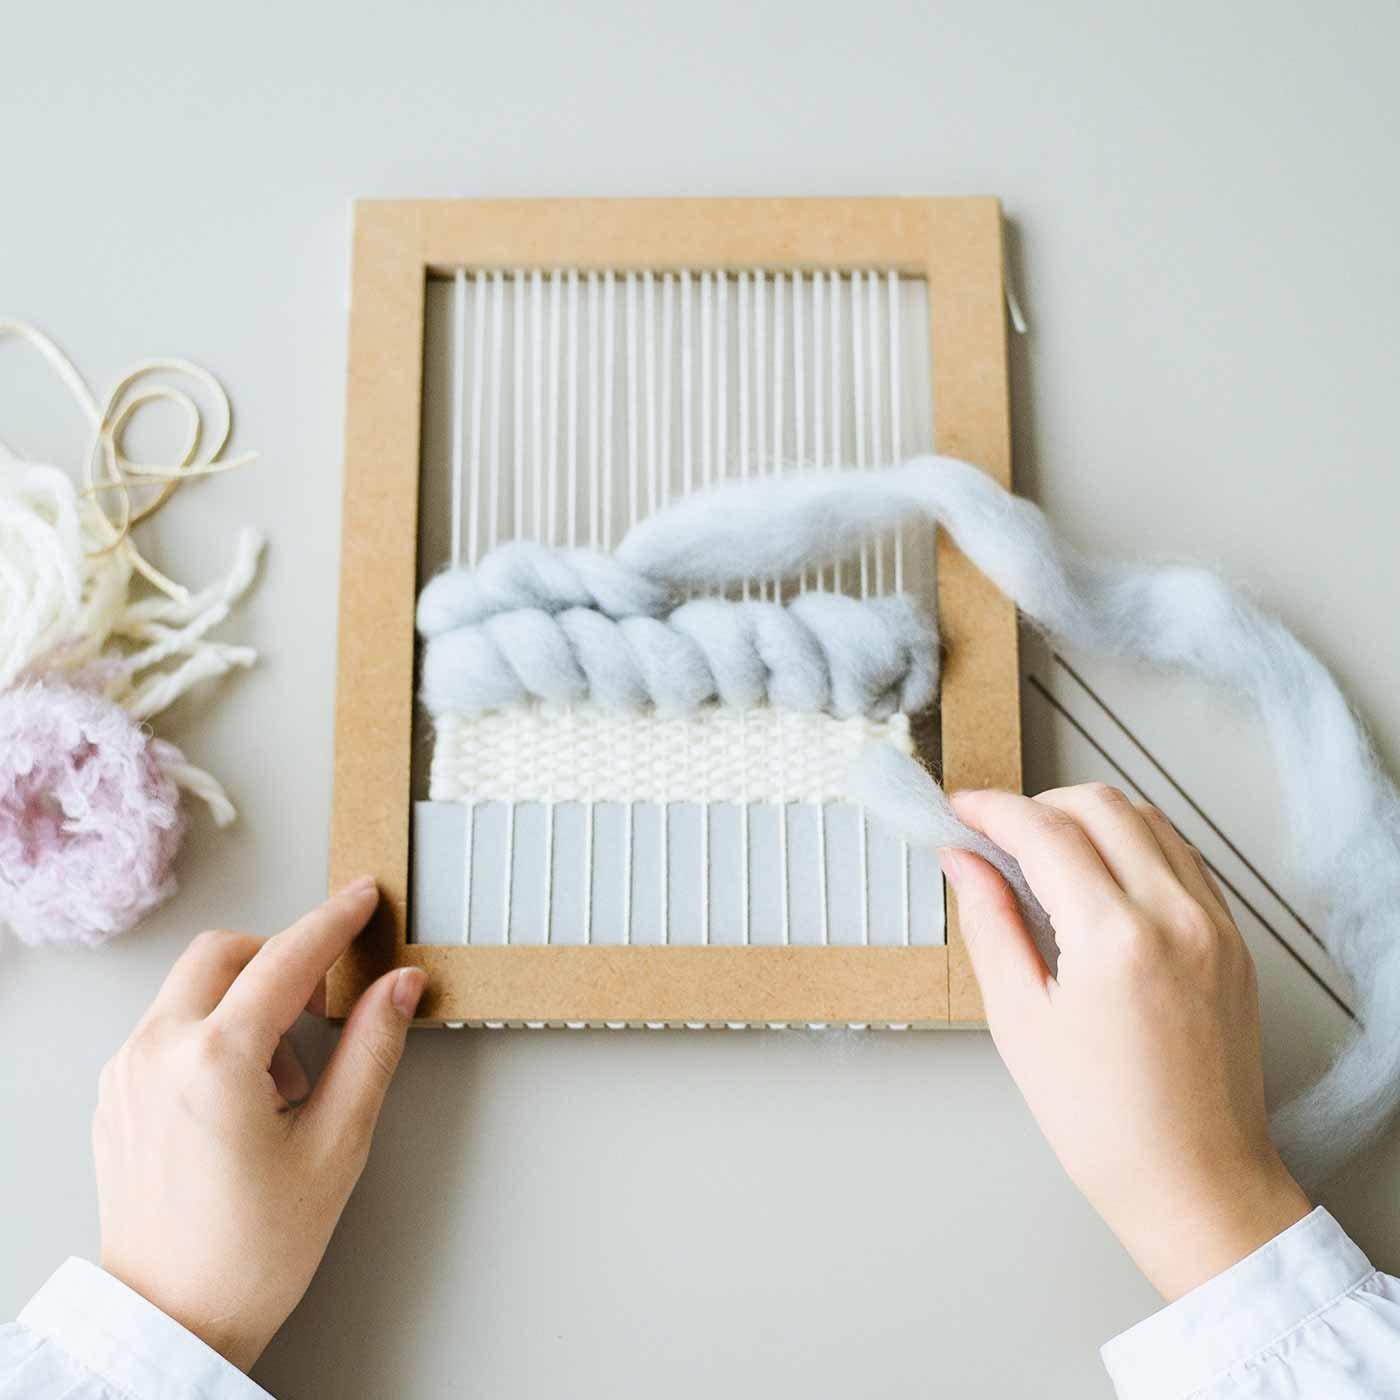 個性的な糸で手織りを楽しむ ウィービングフレームキットの会